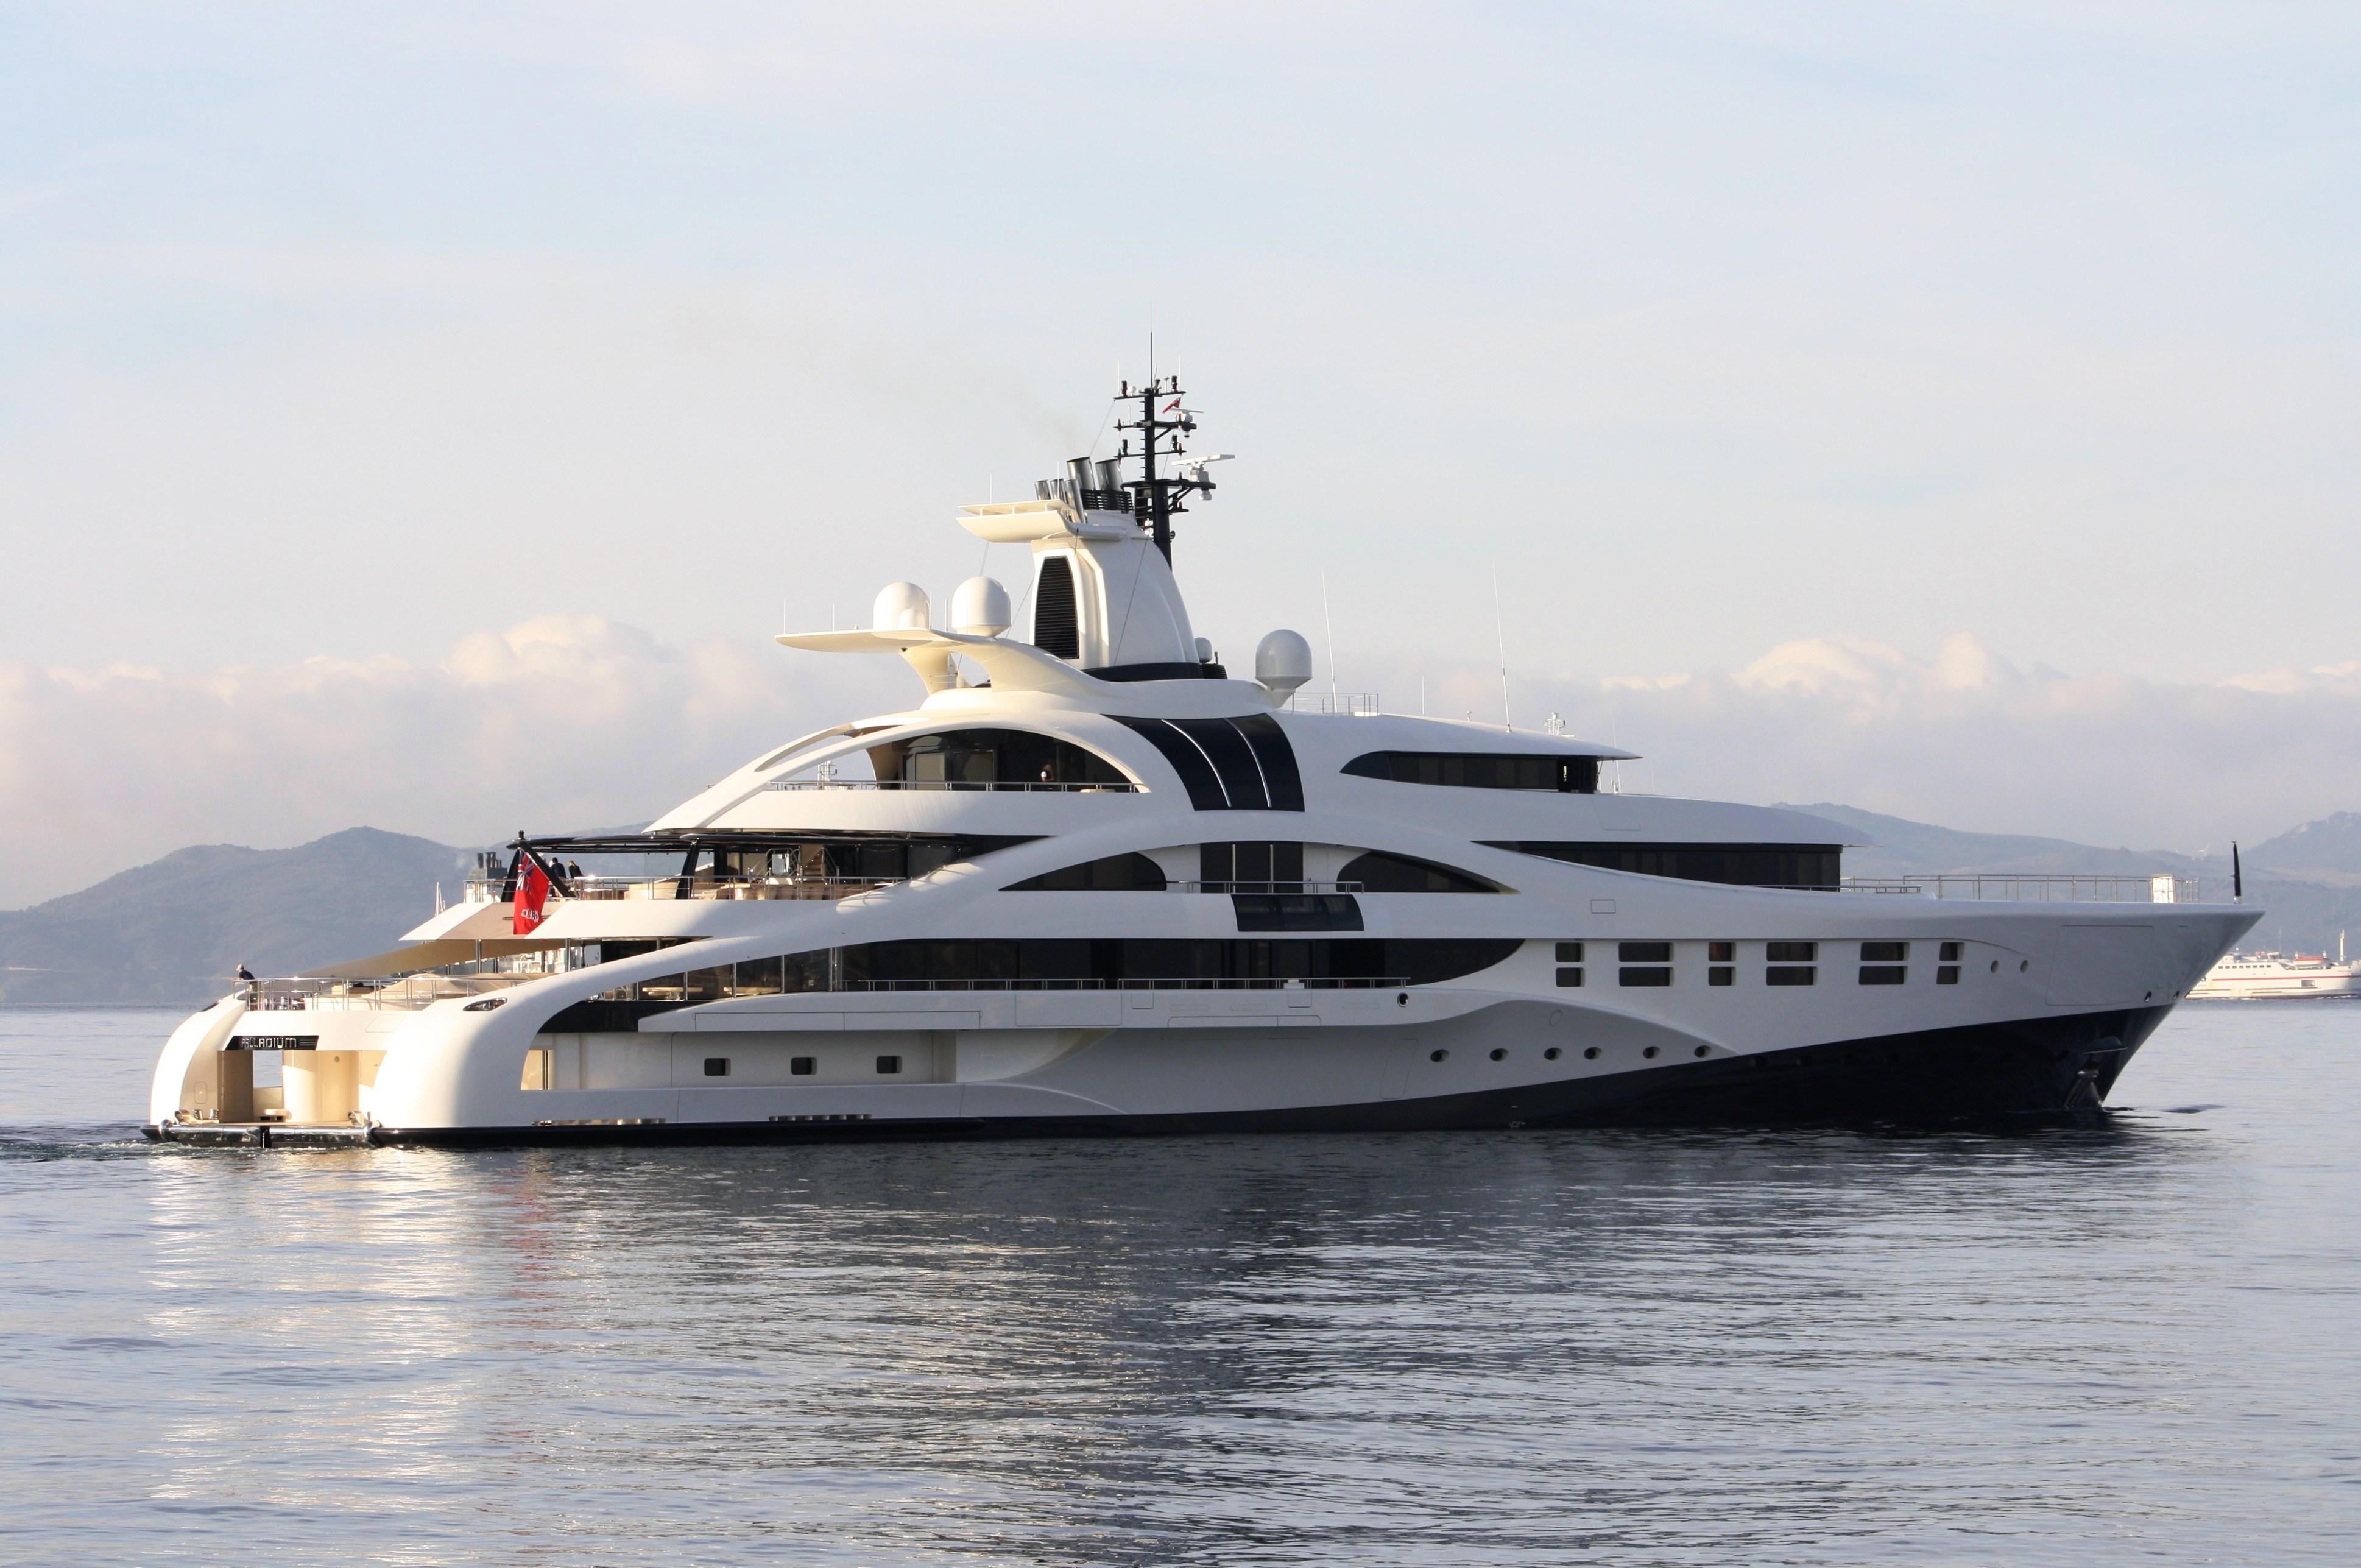 Superyacht-Palladium-in-Gibraltar